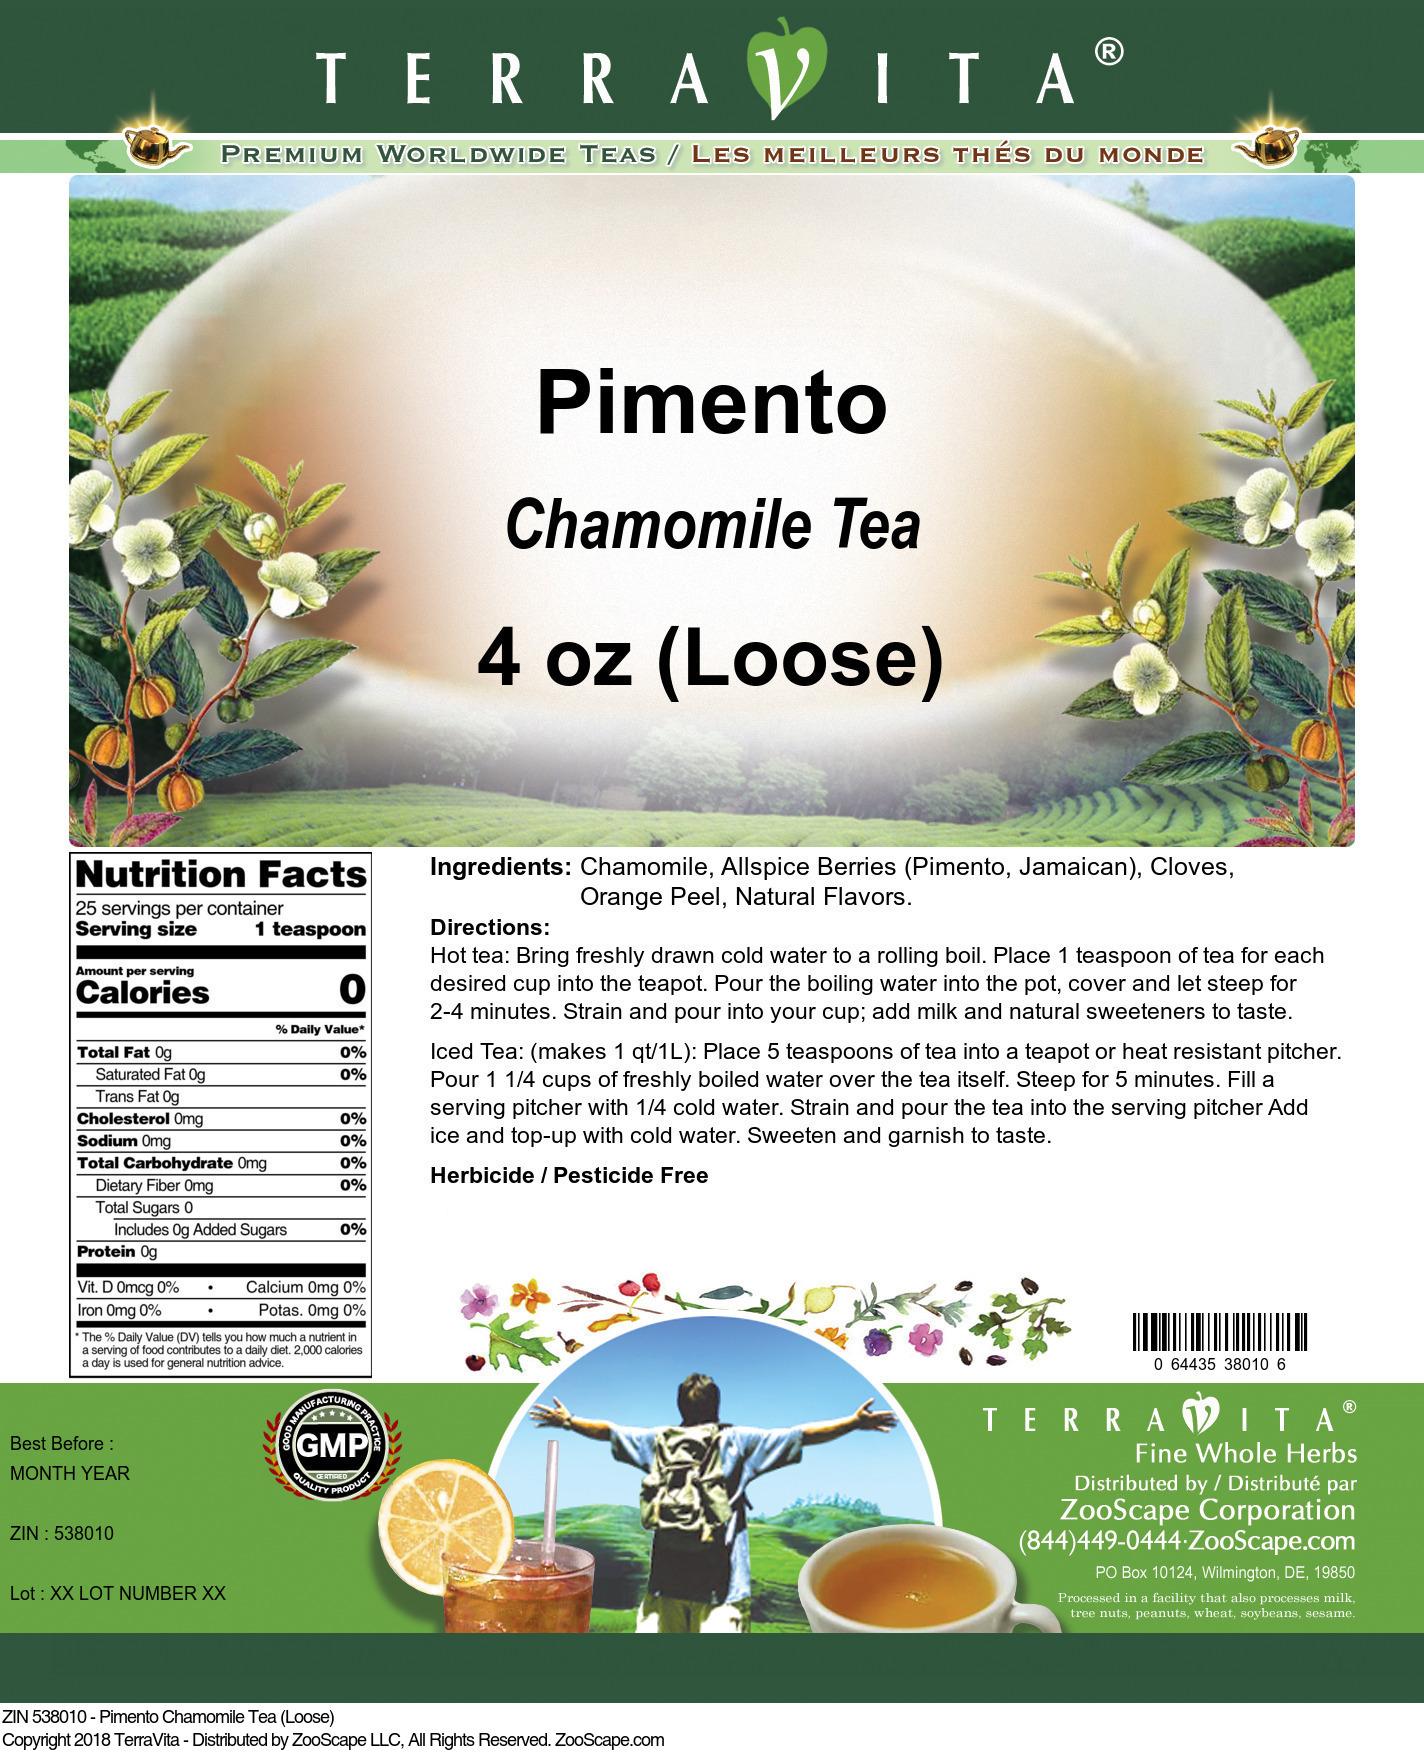 Pimento Chamomile Tea (Loose)